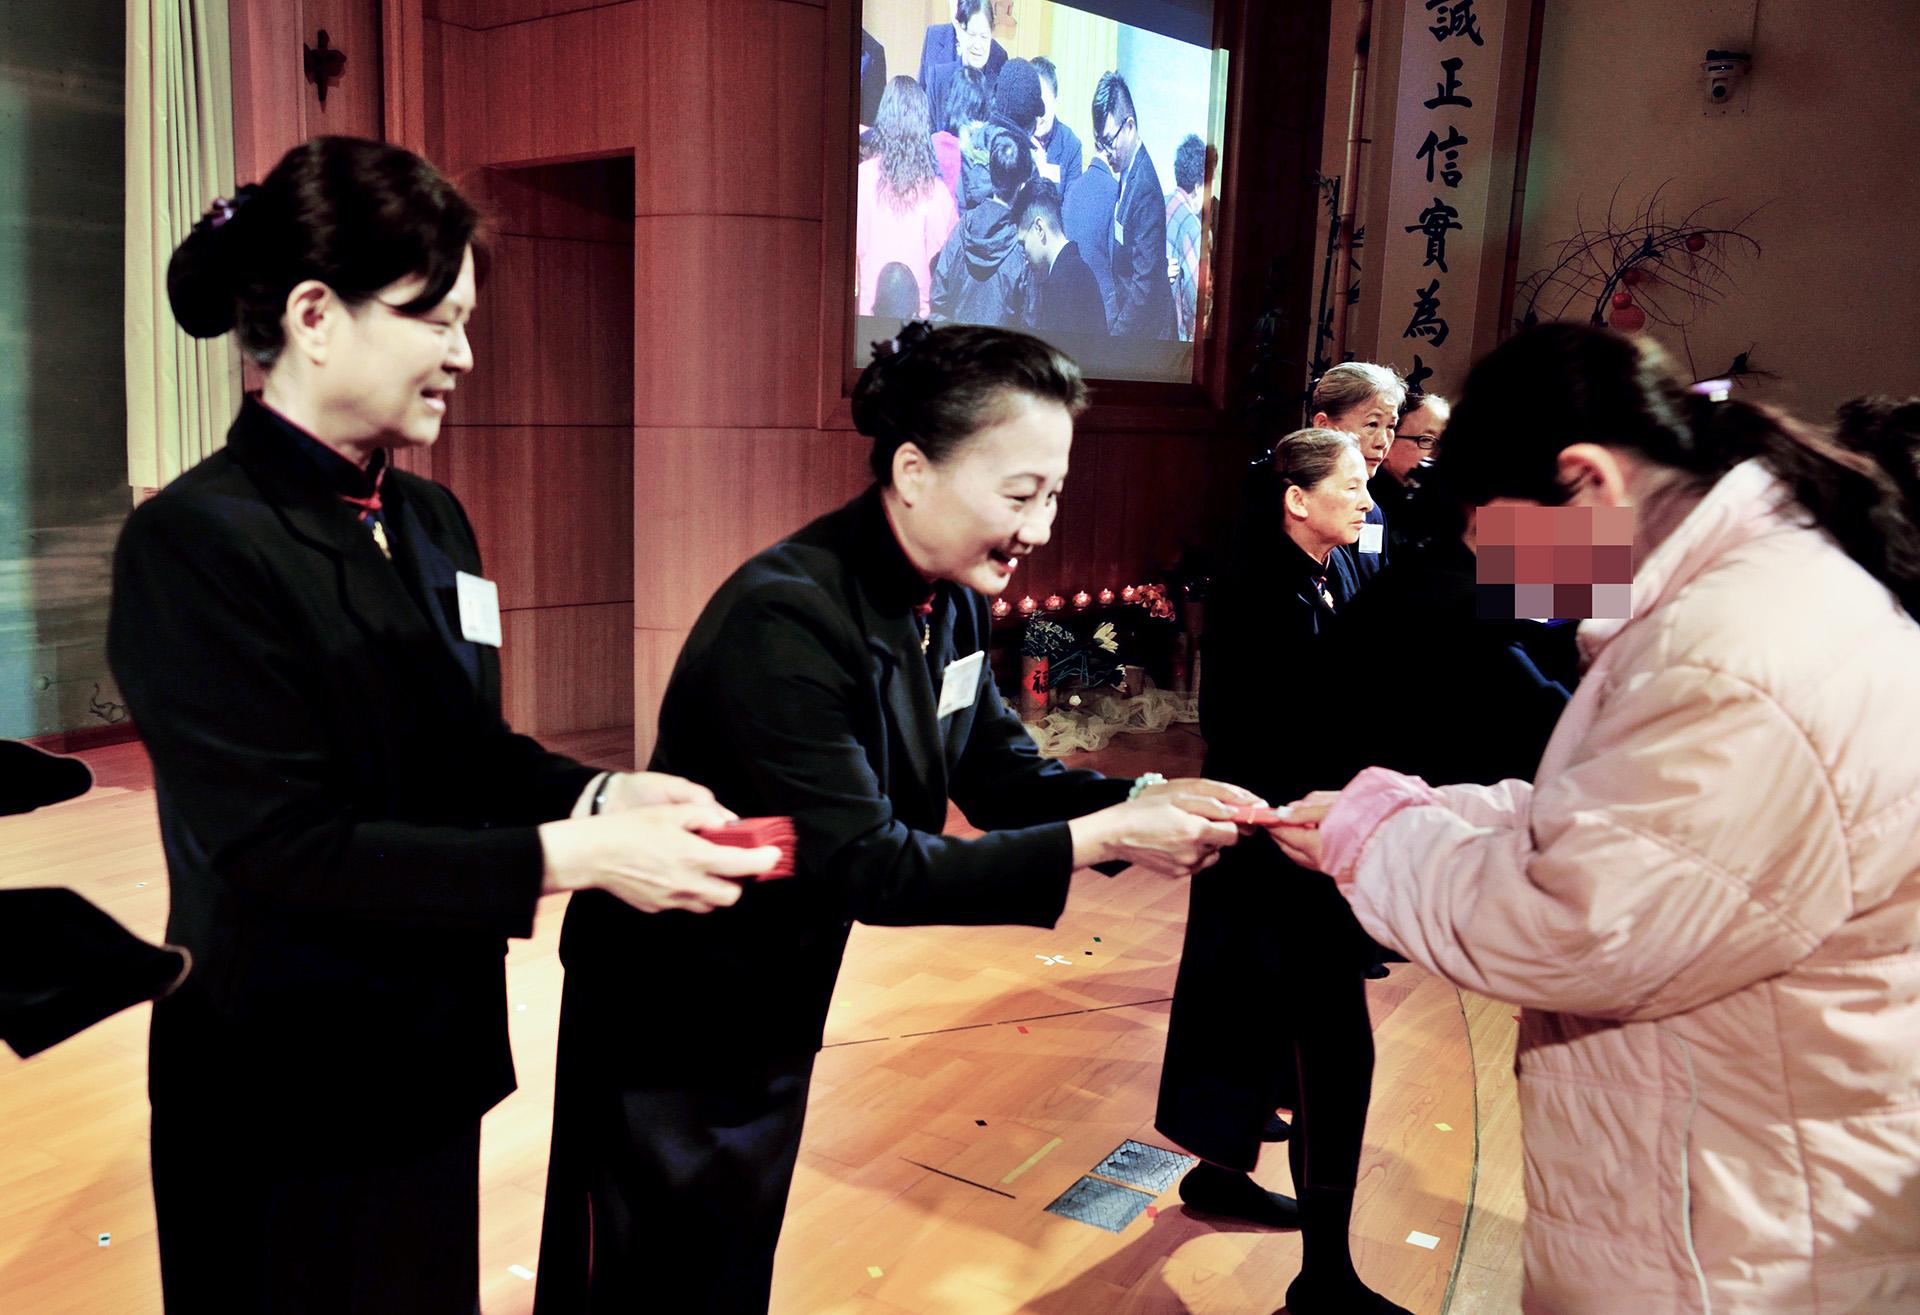 照顧戶、關懷戶從志工手中領到的福慧紅包,領受證嚴上人及精舍師父的祝福。